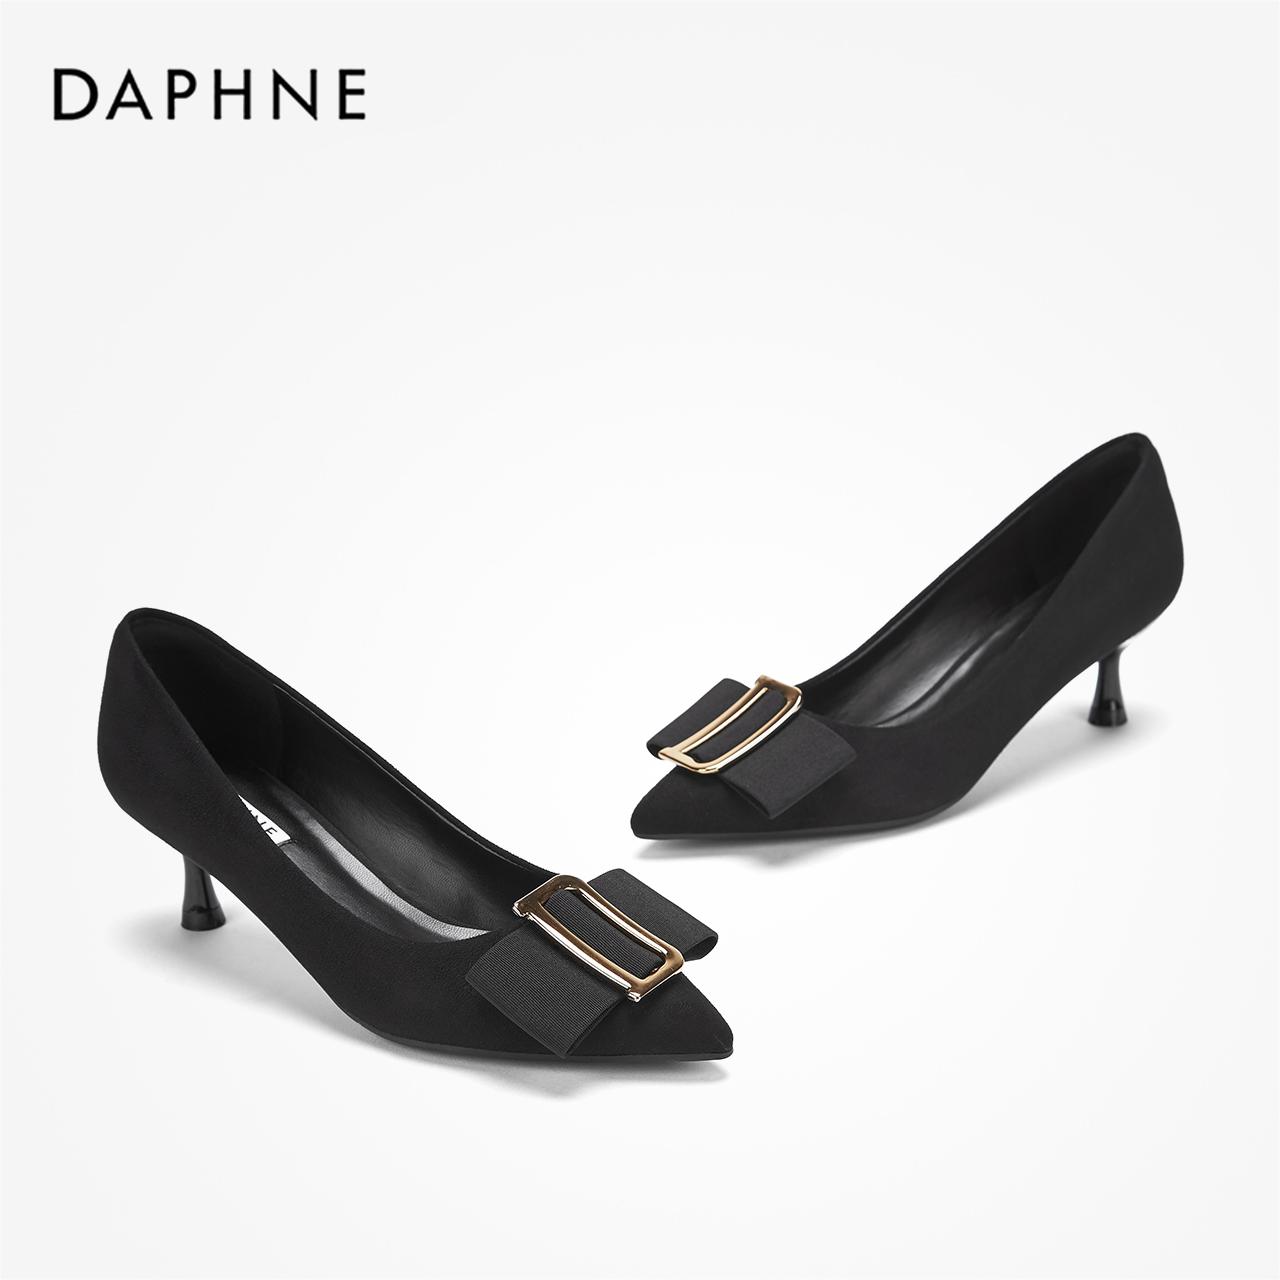 秋优雅方扣小猫跟单鞋气质绒面浅口通勤鞋 2019 达芙妮 Daphne